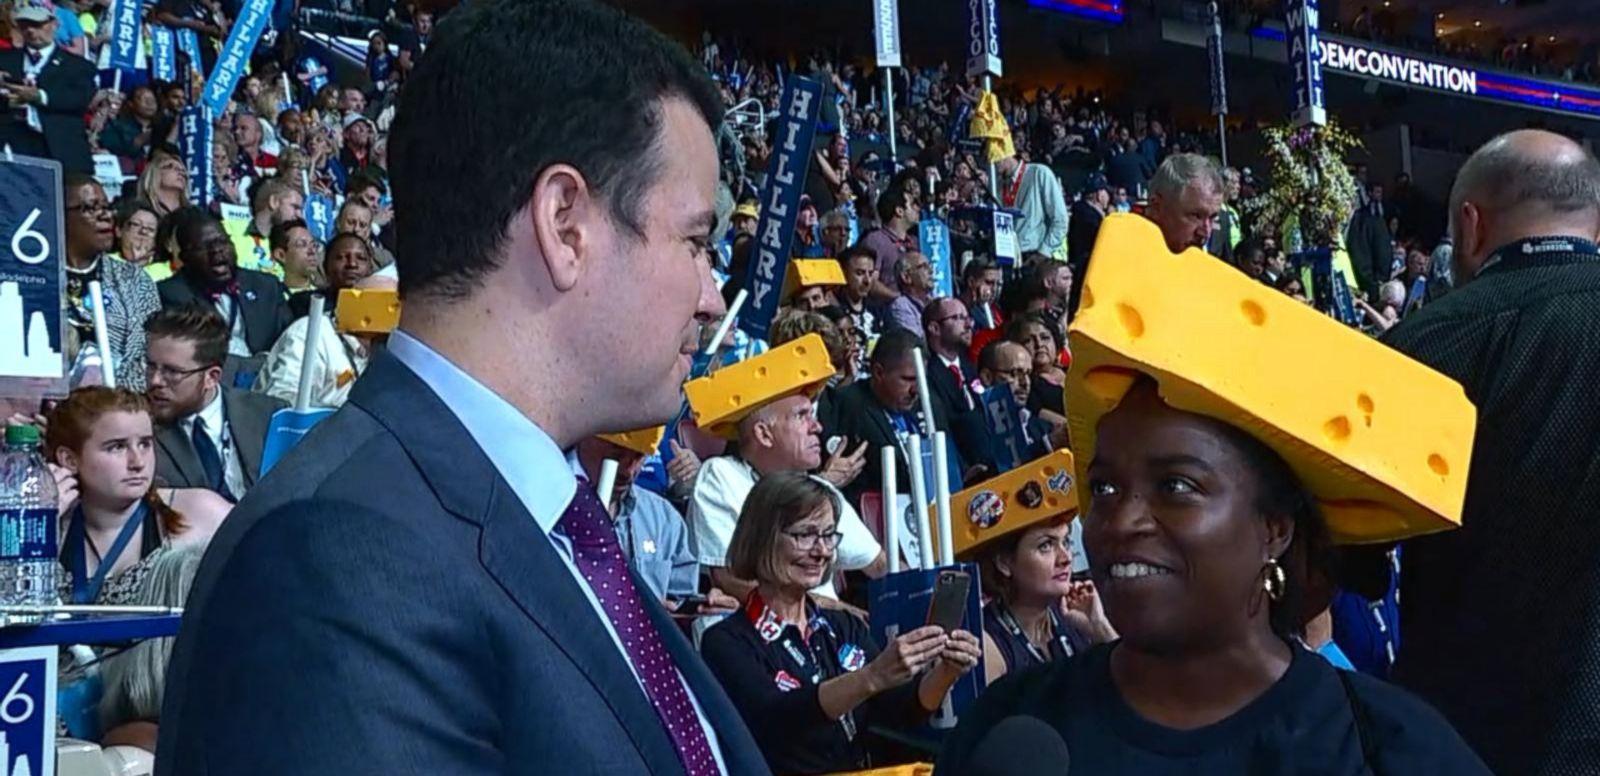 VIDEO: Wisconsin Delegates Prepare for Hillary Clinton's Speech